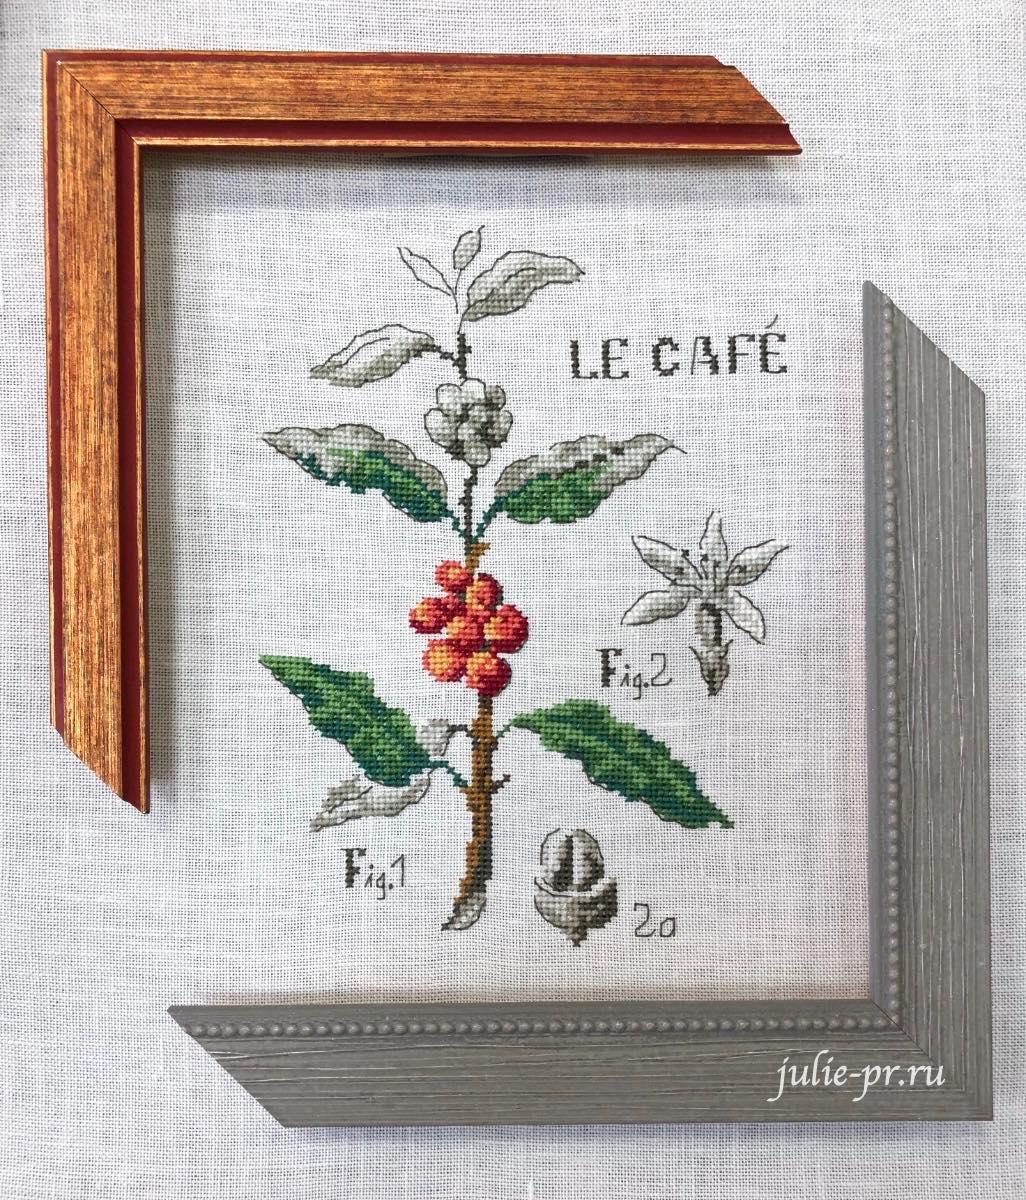 Багетная мастерская Багира, вышивка крестом, Veronique Enginger, кофе, ботаника, ботанический этюд, Кофейная ботаника, etude botanique cafe, как оформить, багет